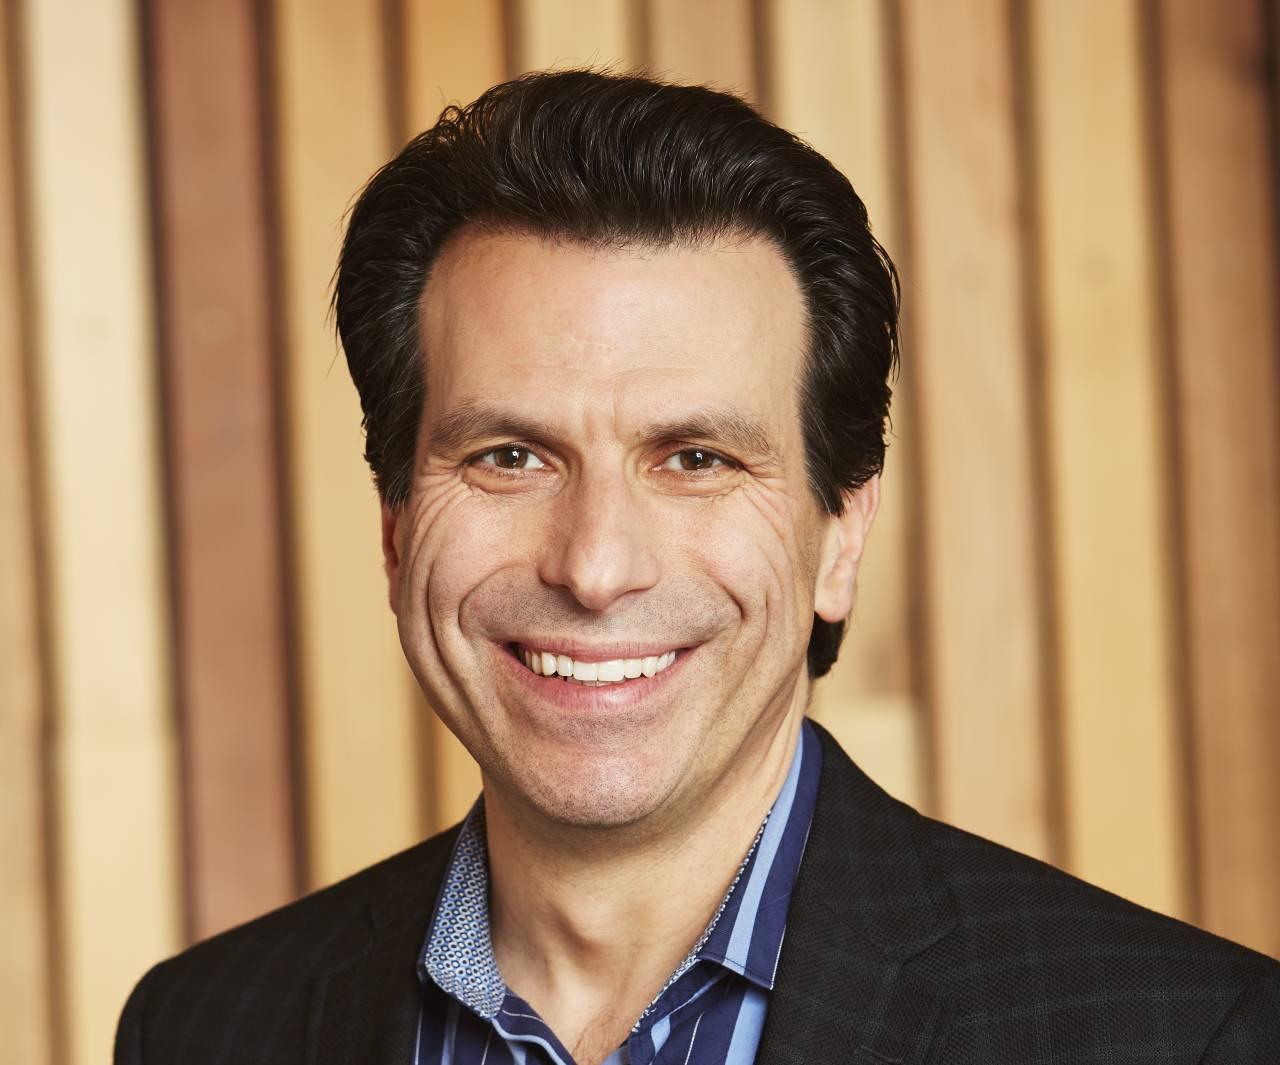 Andrew Anagnost, Presidente y CEO de Autodesk : Fotografía cortesía de © Autodesk